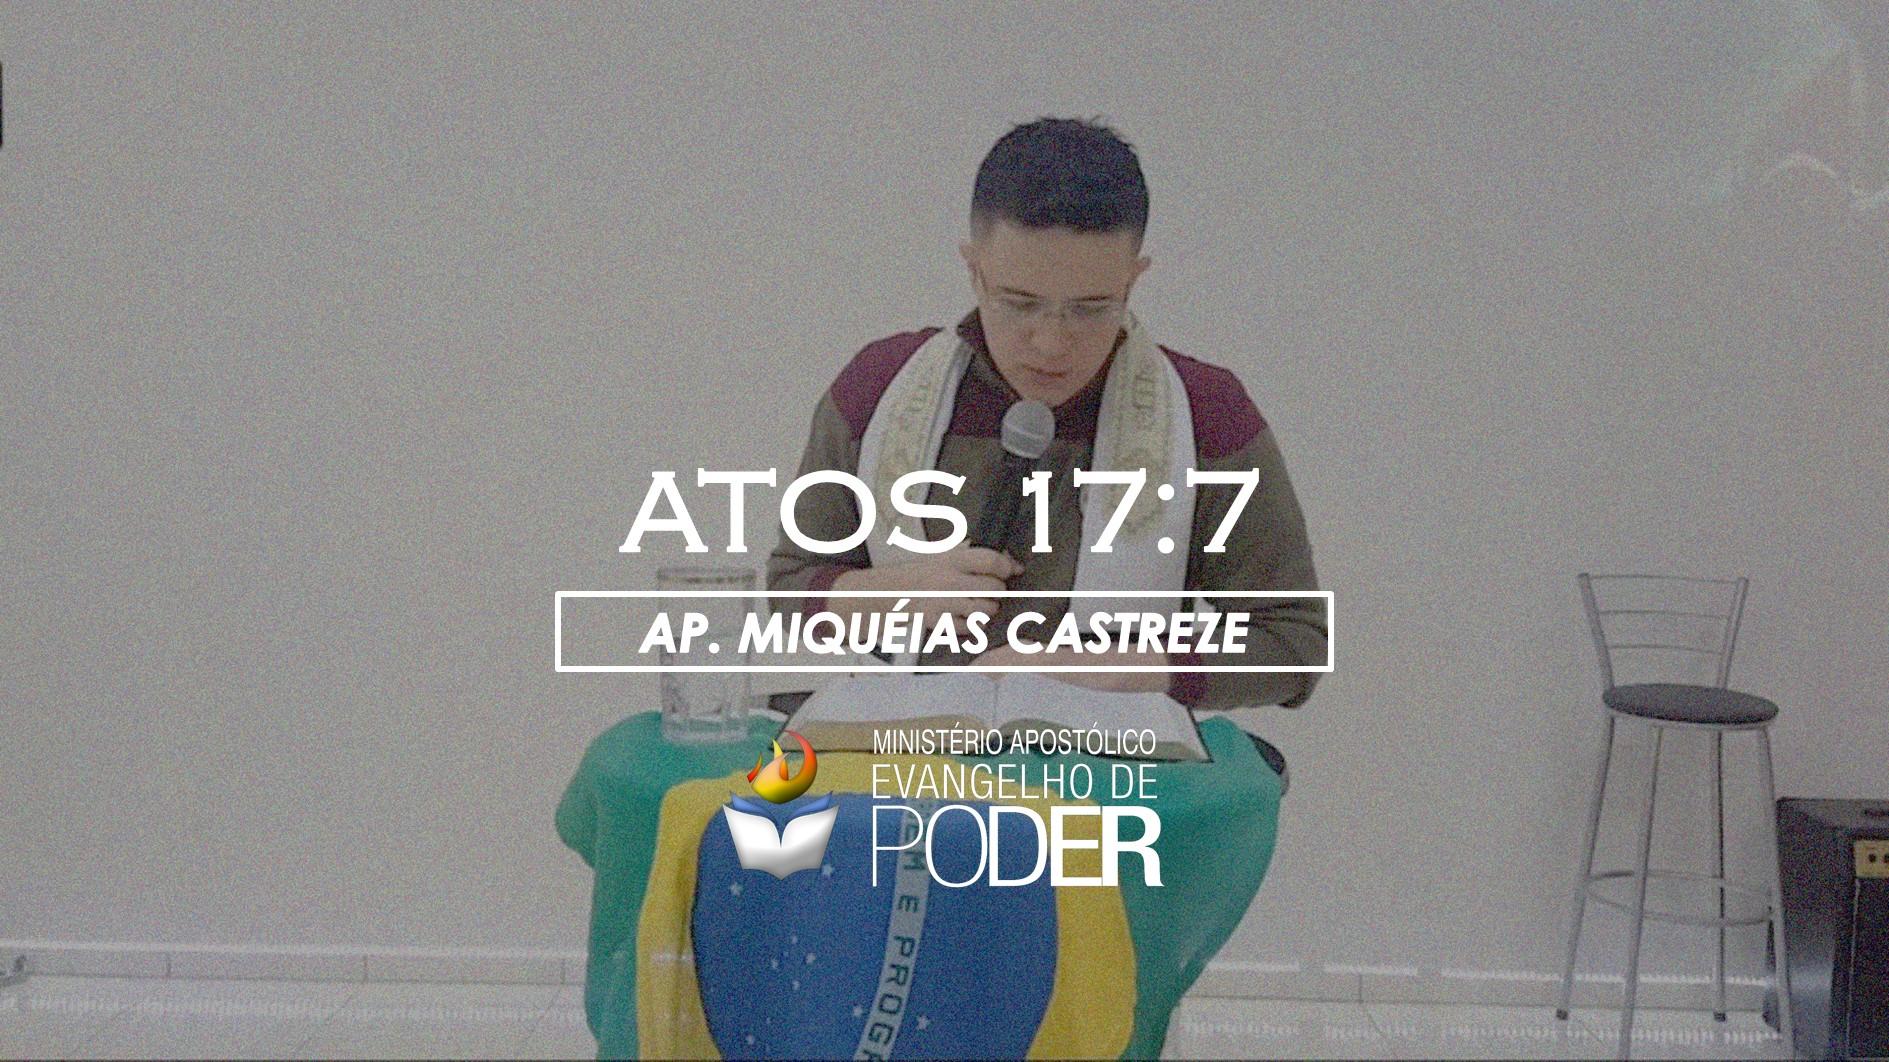 ATOS 17:7 / PALAVRA E INTERCESSÃO - AP. MIQUÉIAS CASTREZE - SEXTA PROFÉTICA 28, Abr 2017